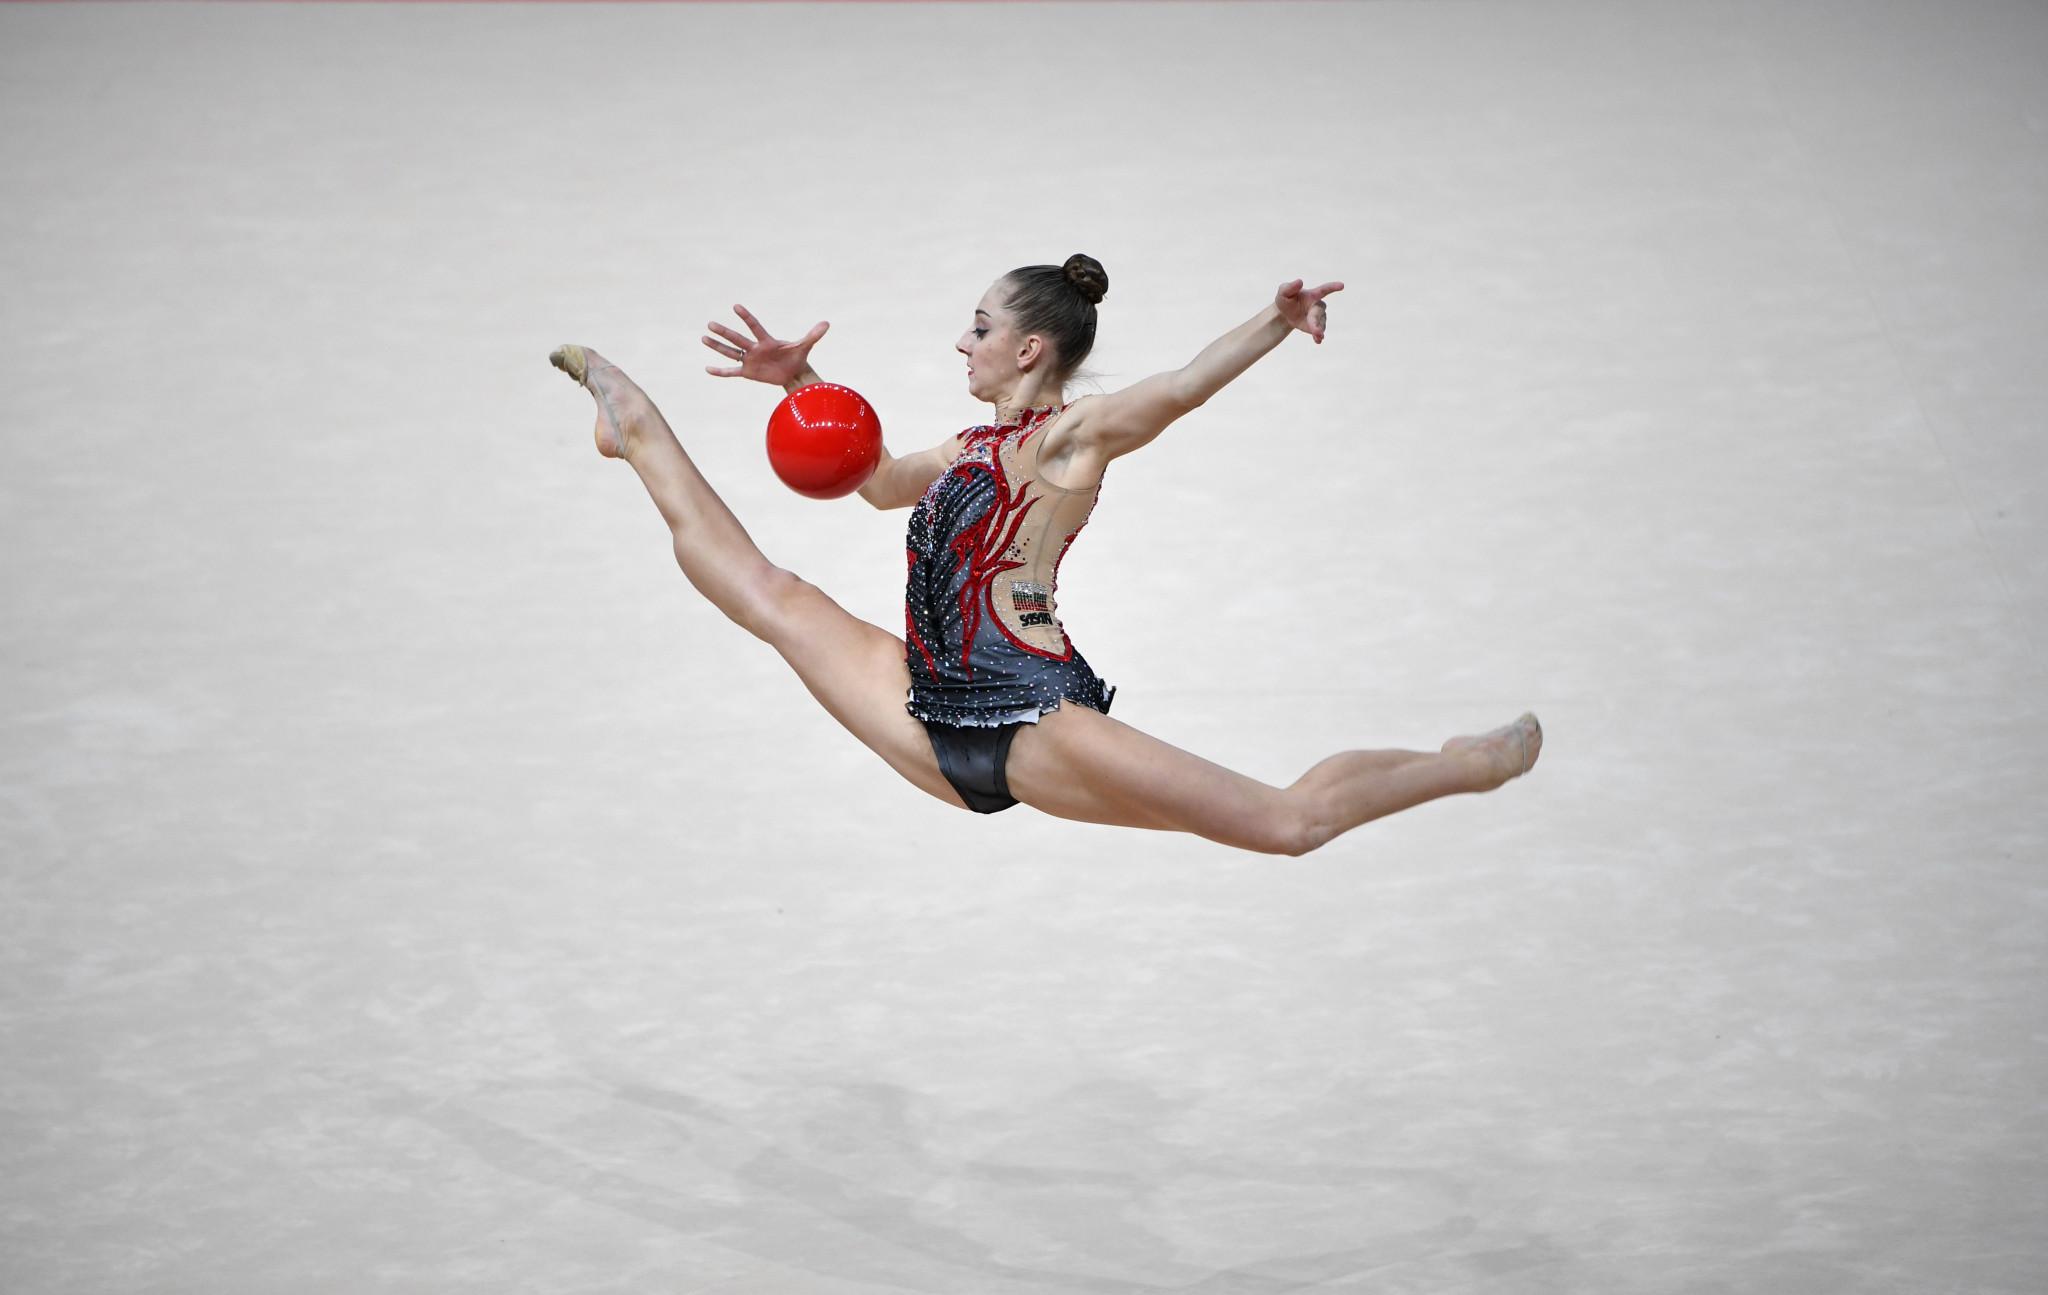 Bulgaria claim three golds at Rhythmic Gymnastics World Cup in Baku